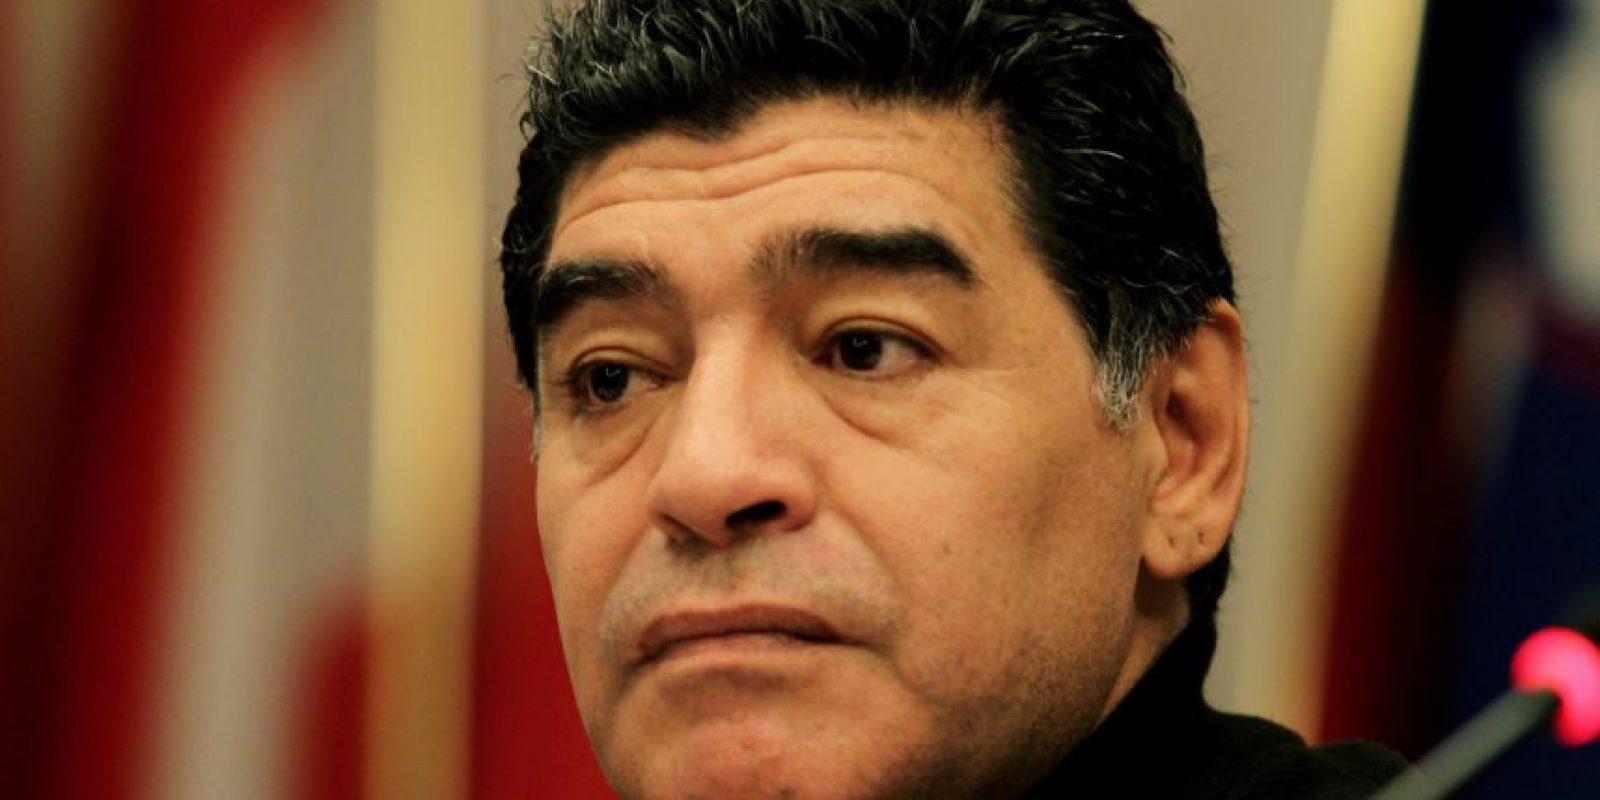 Maradona apoyó la candidatura de Ali Bin Al Hussein, pues se convertiría en vicepresidente de la FIFA si el príncipe jordano ganaba. En junio pasado, el astro argentino confirmó que él mismo buscará la presidencia del organismo. Foto:Getty Images